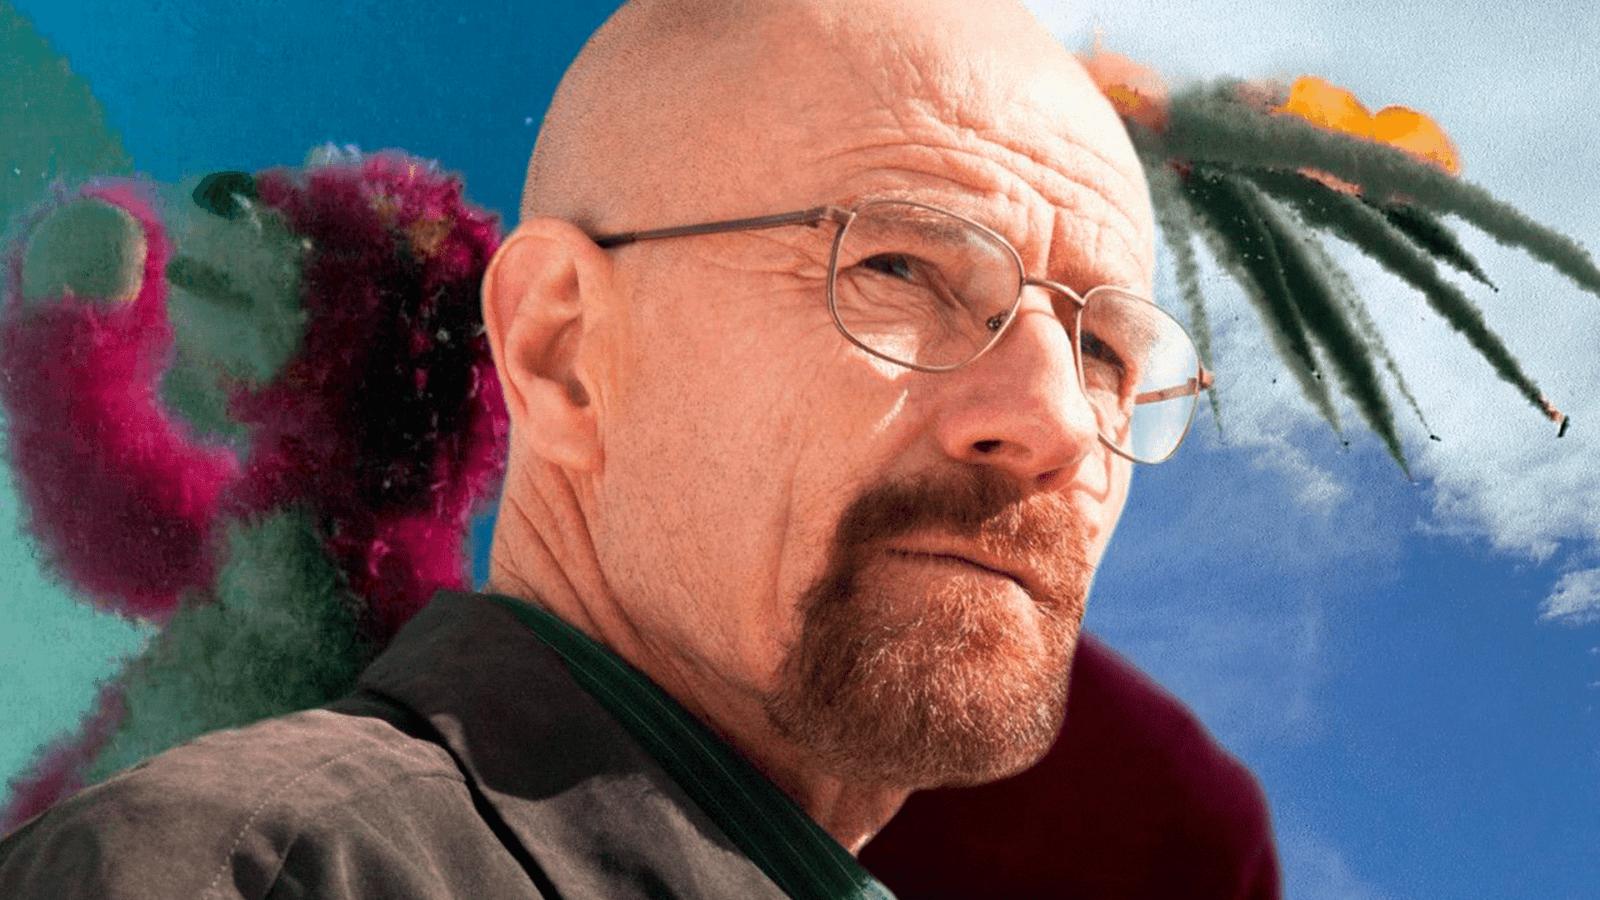 Na 2º temporada de Breaking Bad, um choque de aviões causados por situações da série, deixam vários destroços em cima da casa de Walt.